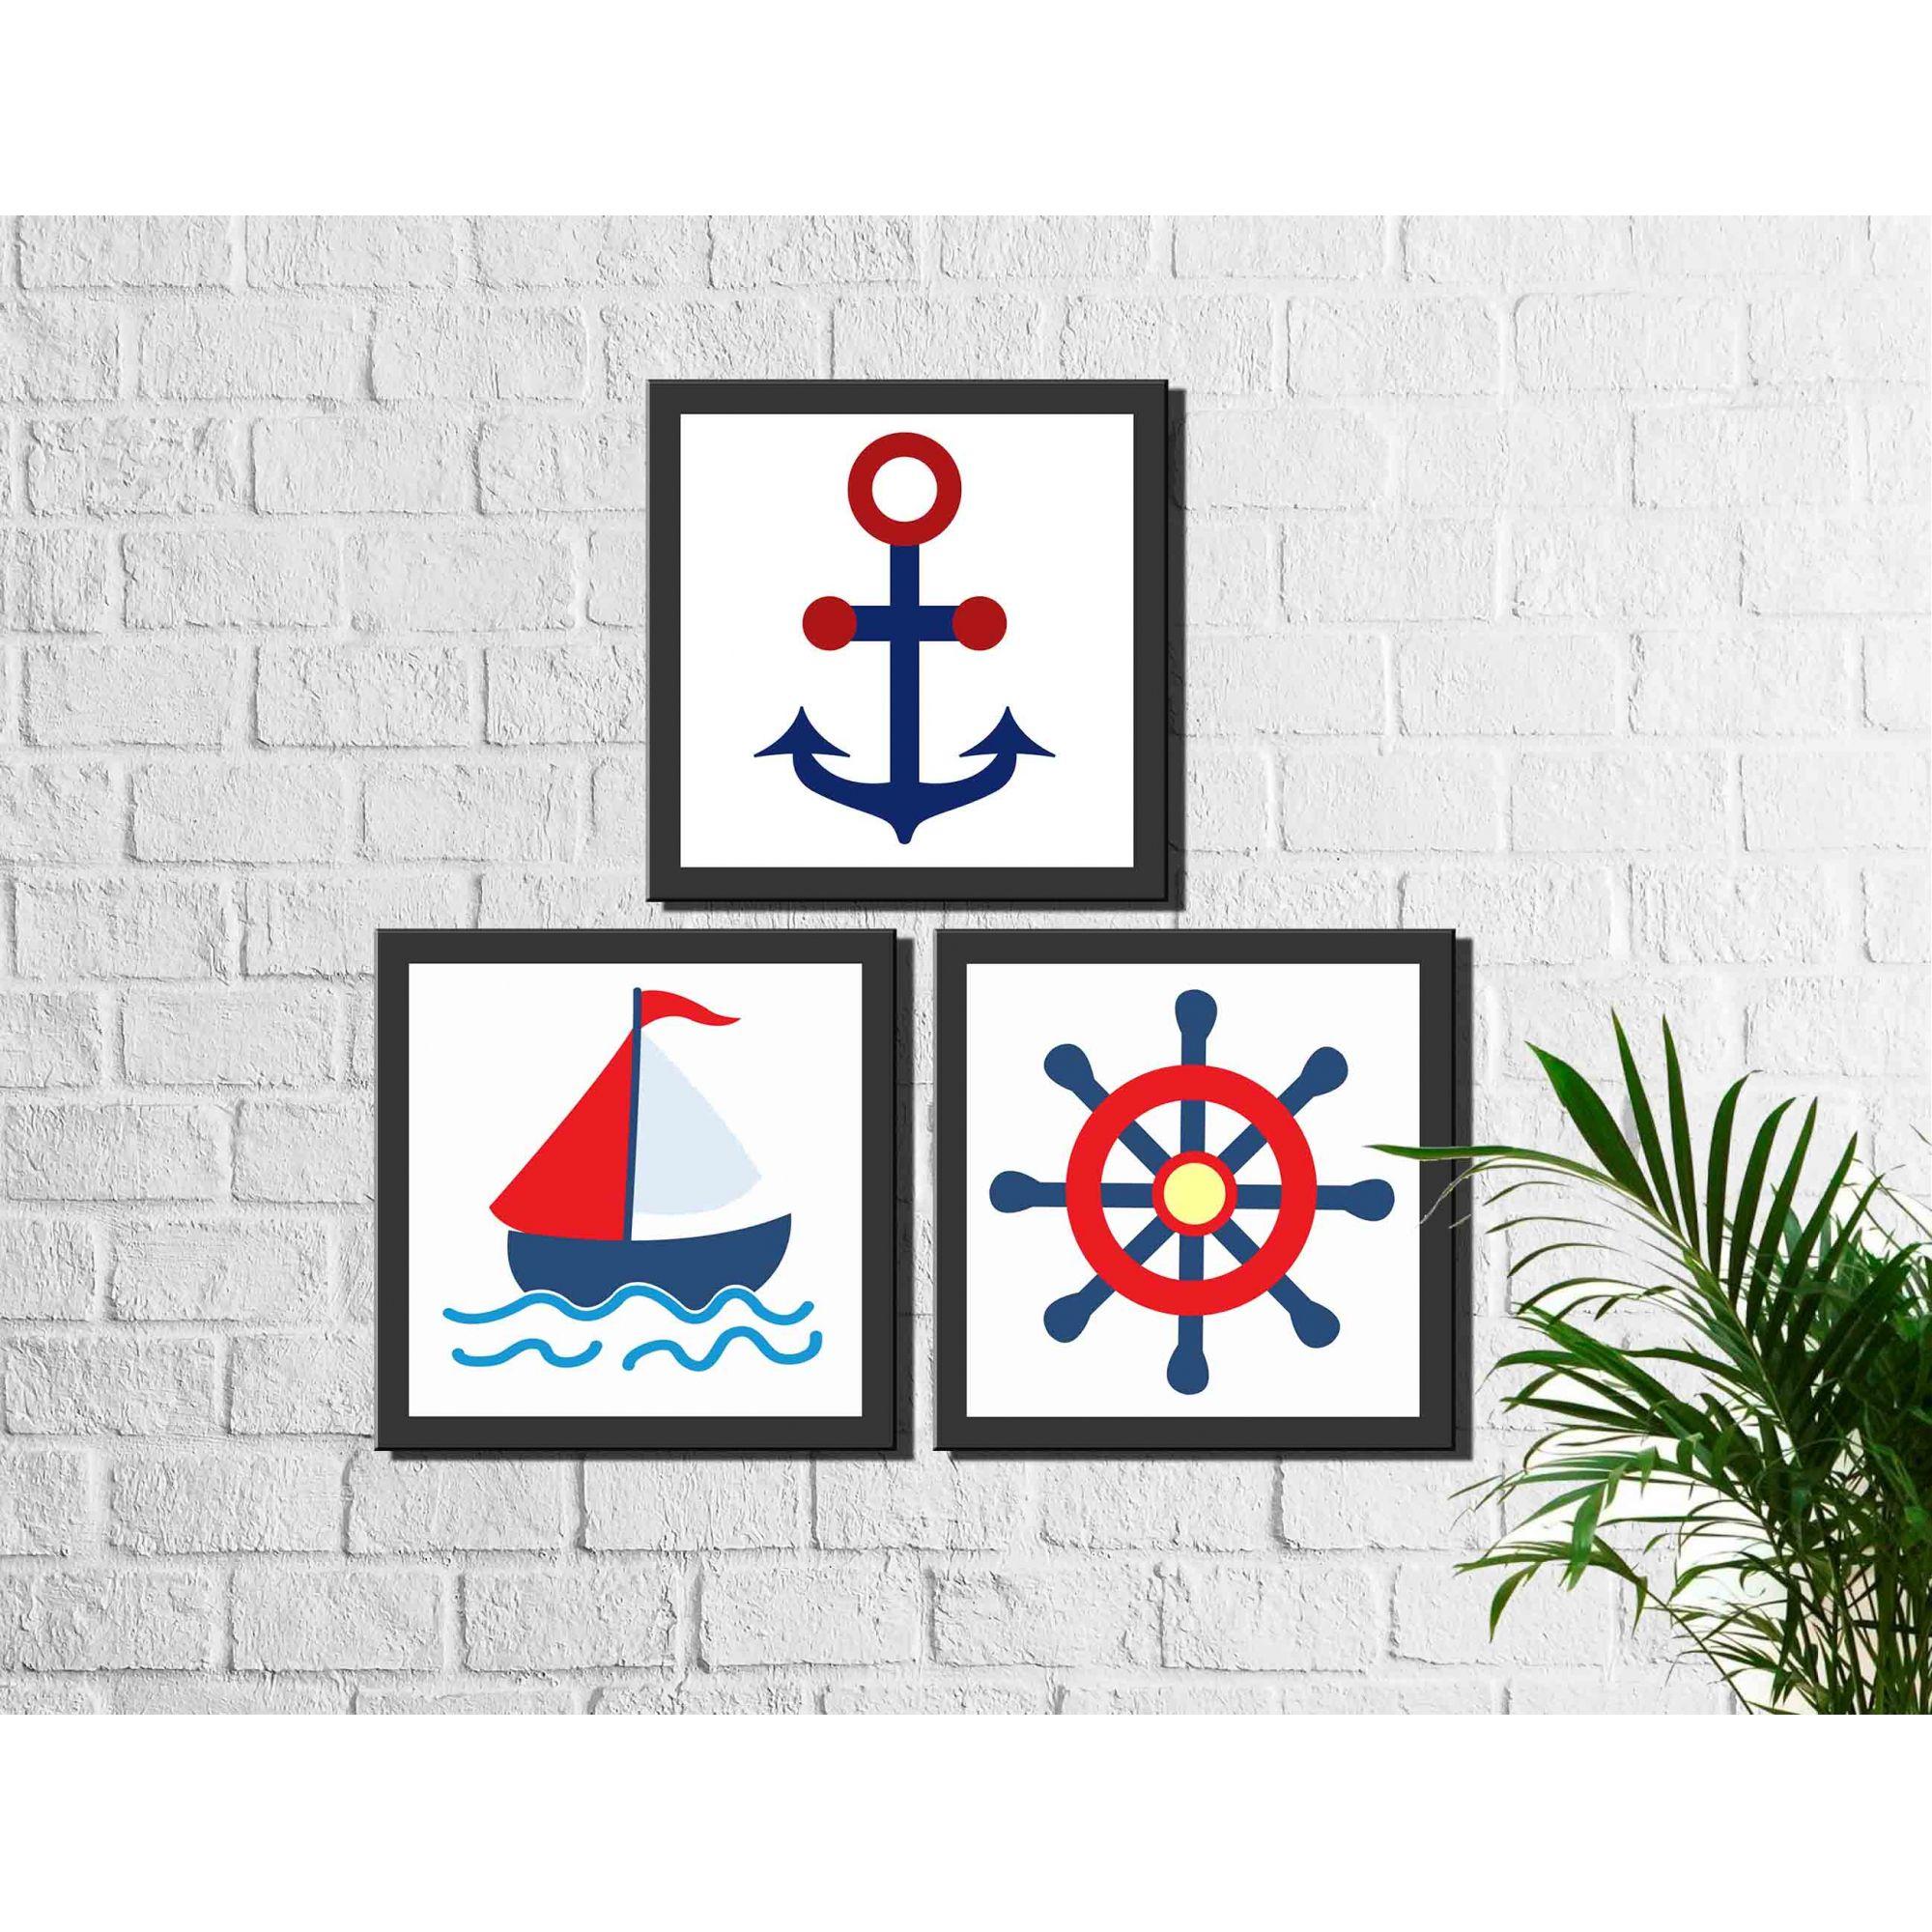 Kit 3 Quadros Decorativos Marinheiro Infantil